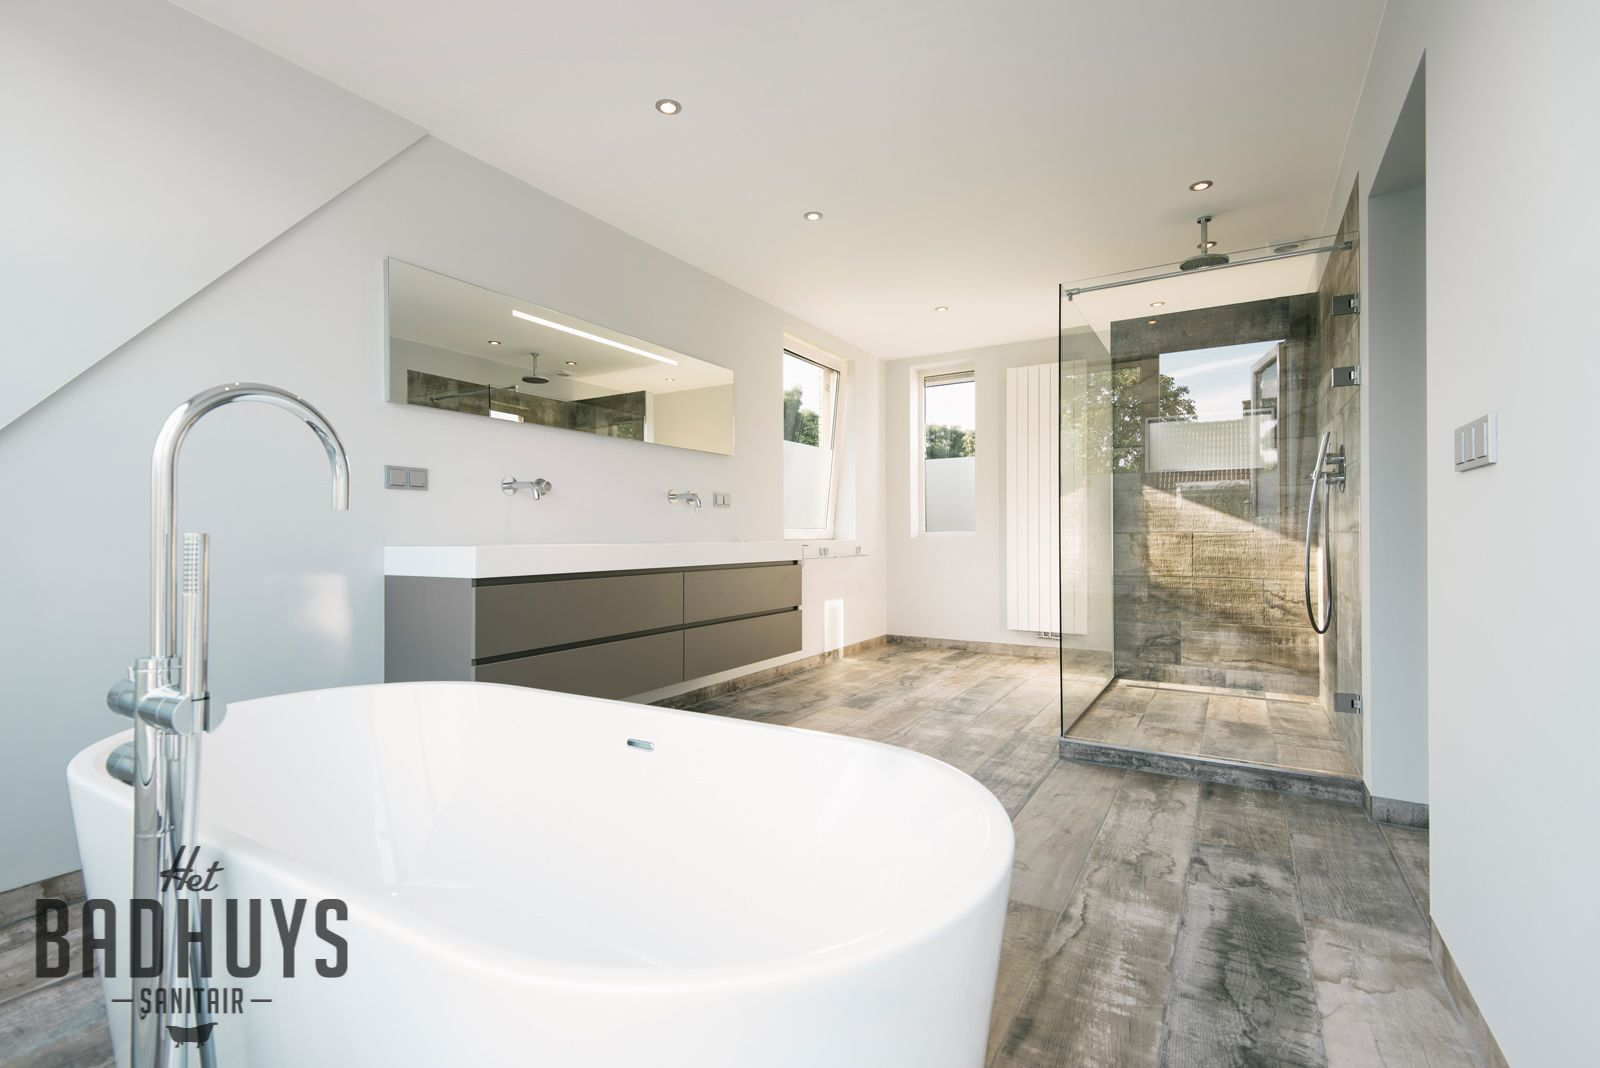 Ruime badkamer met vrijstaand bad en inloopdouche stucwerk gecombineerd met tegels in - Kleine badkamer in lengte ...